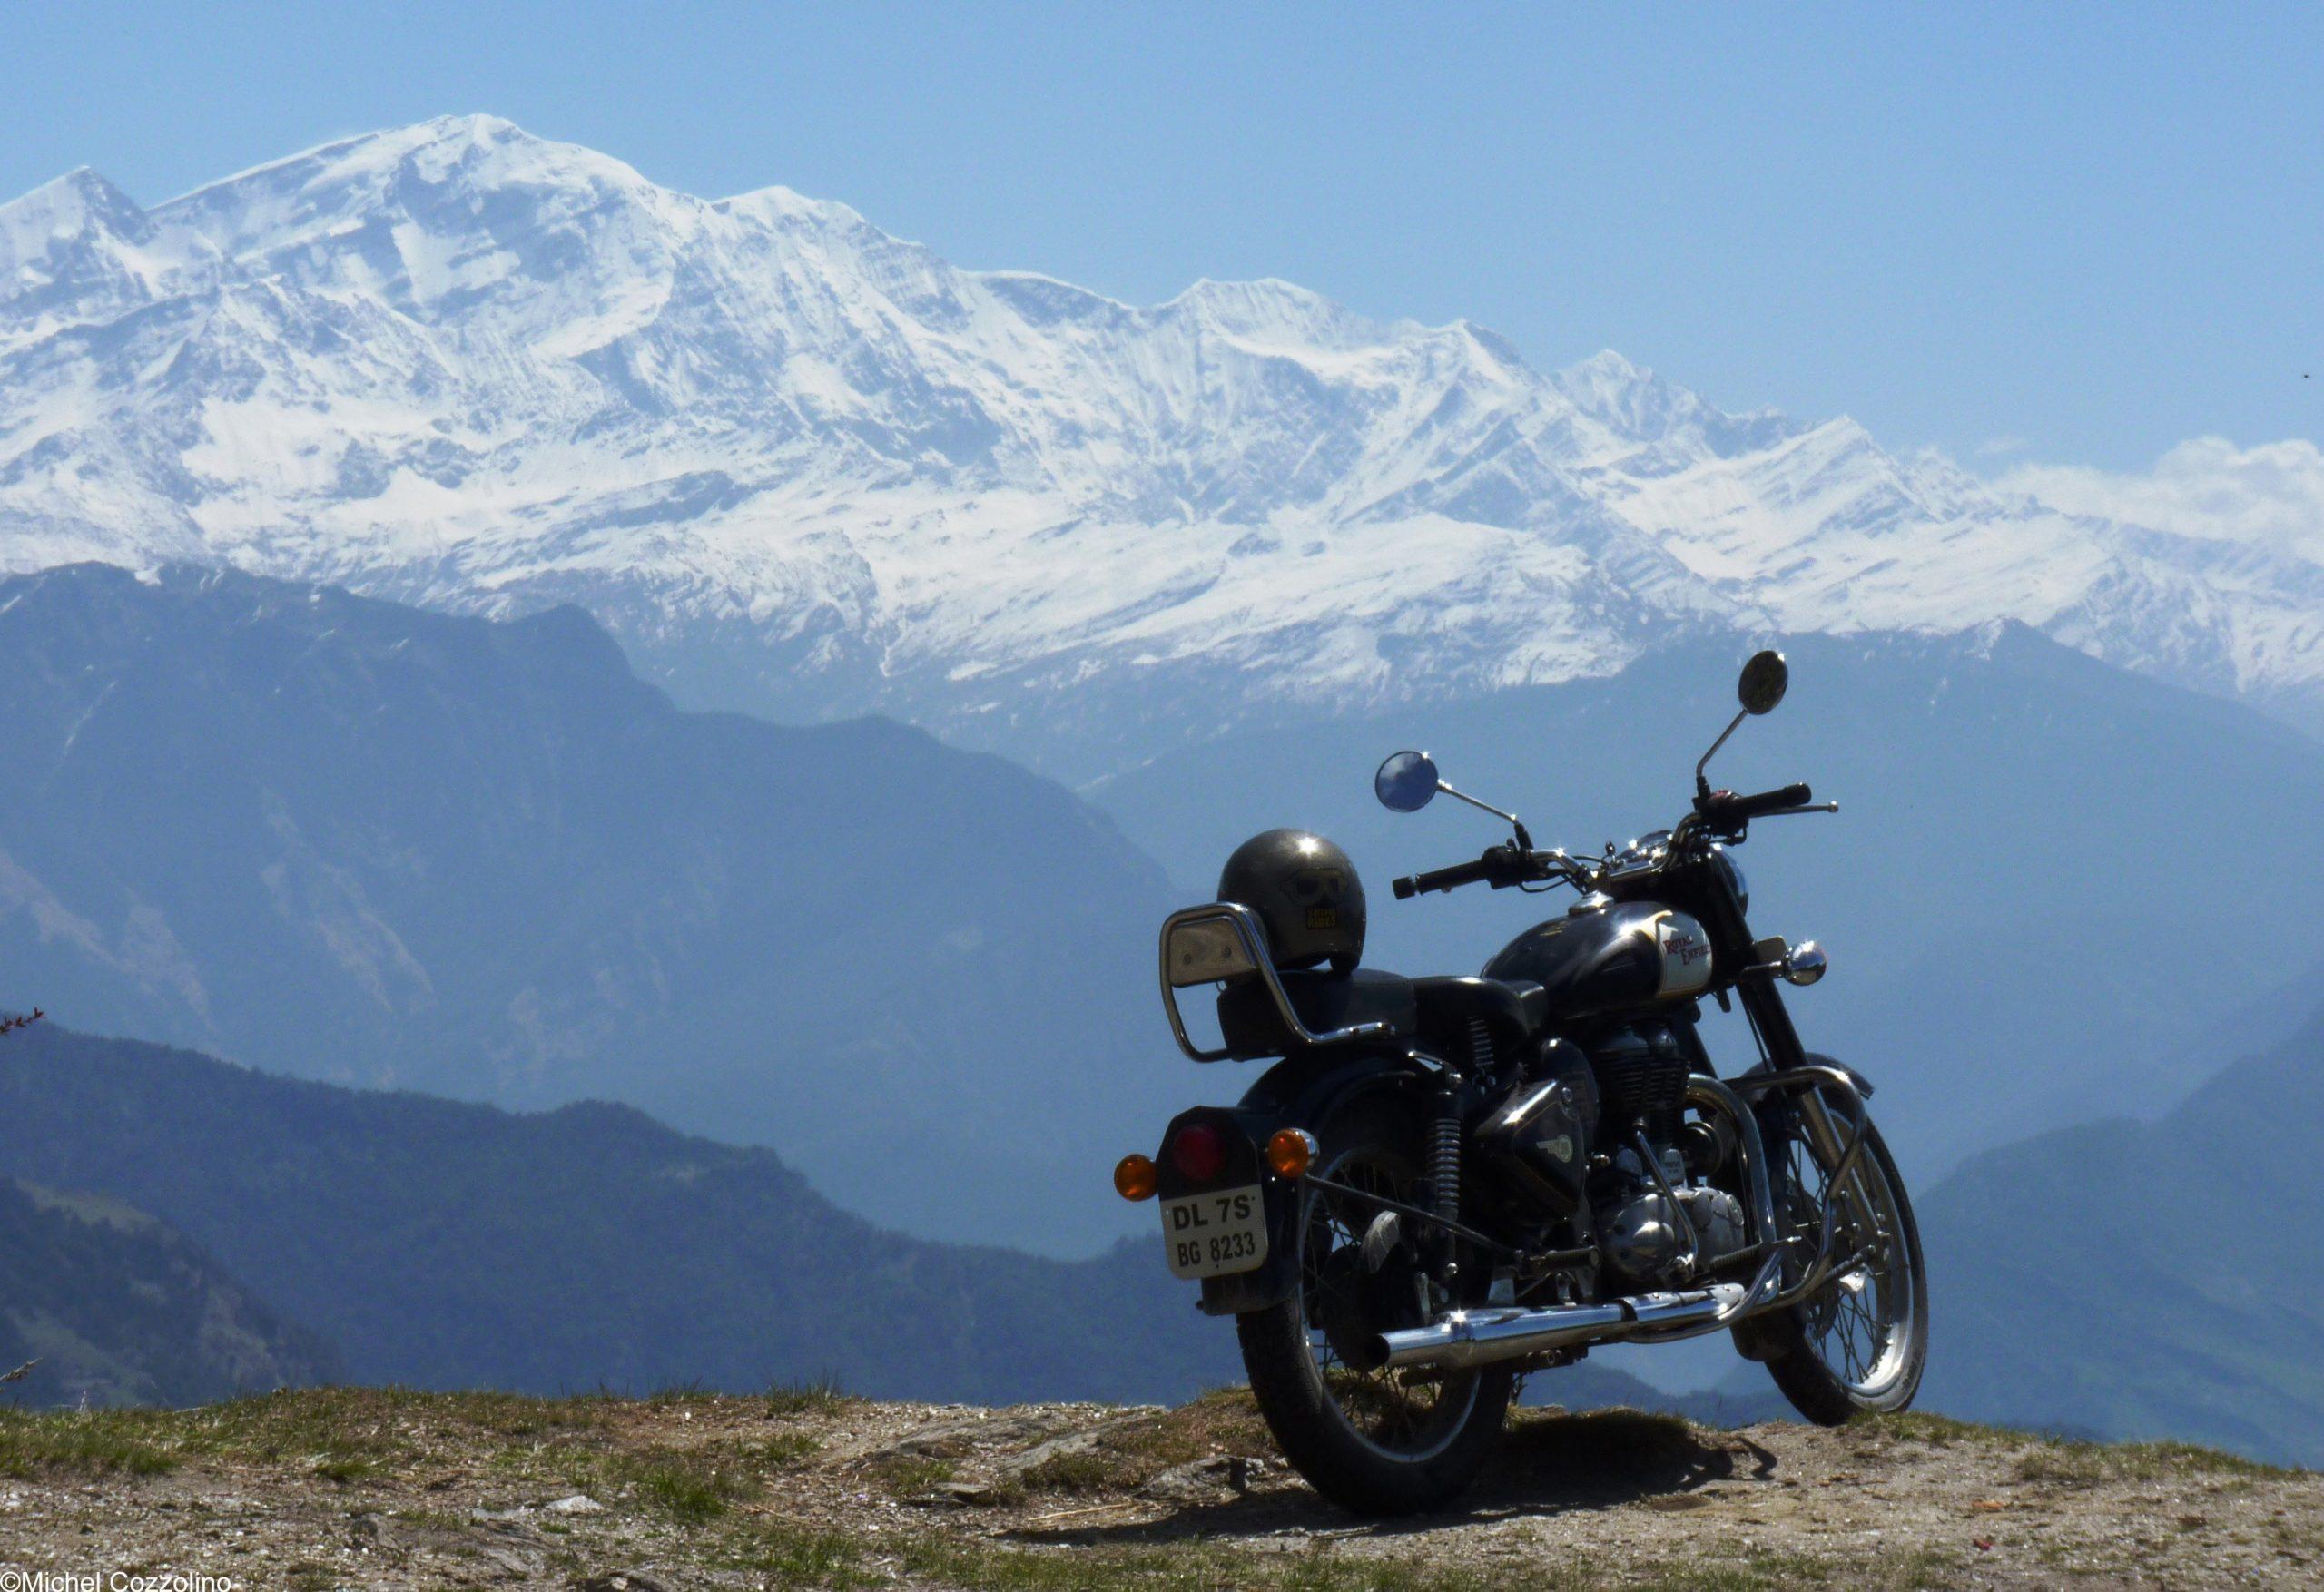 Motorrad-Roadtrip Himalaya - Das Himalaya-Abenteuer